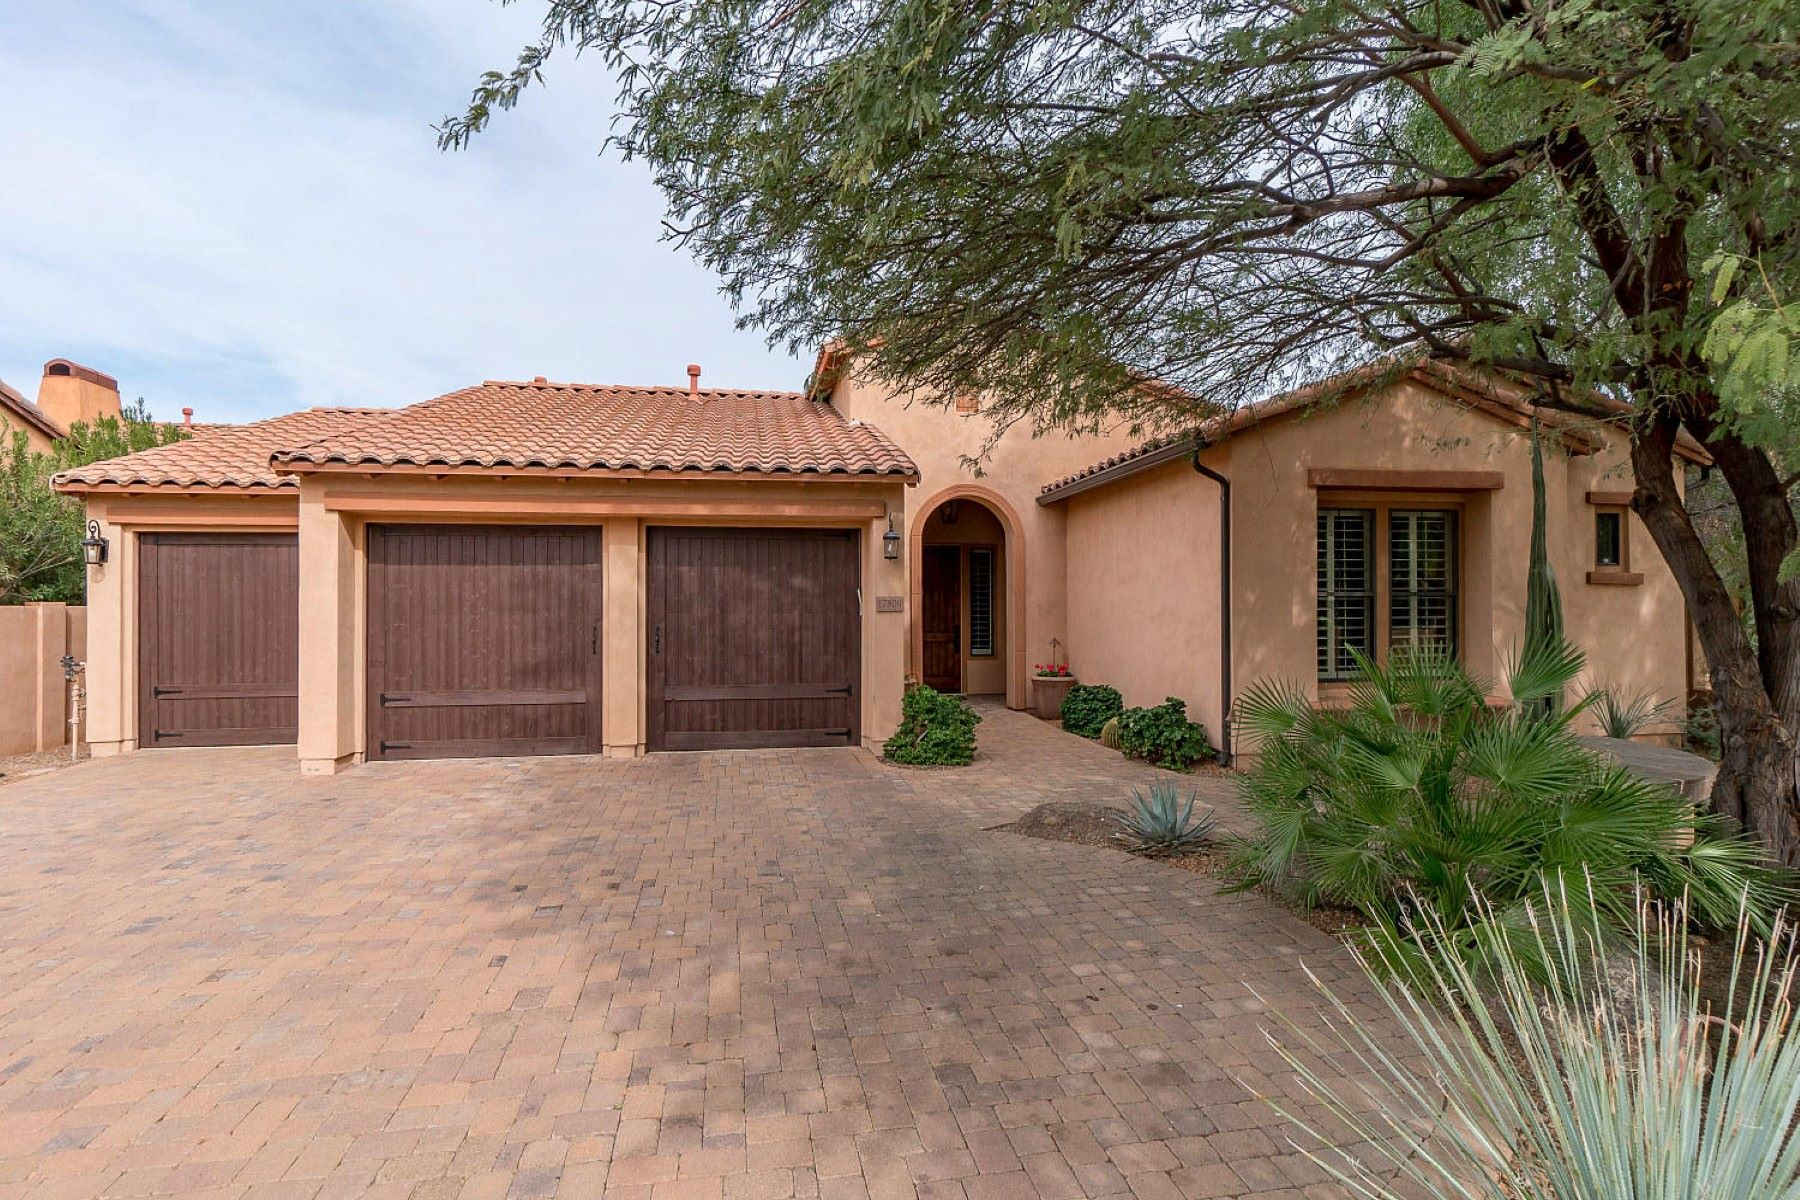 Vivienda unifamiliar por un Venta en Beautiful Scottsdale home in Villa de Sorano 17809 N 57th Pl Scottsdale, Arizona, 85254 Estados Unidos